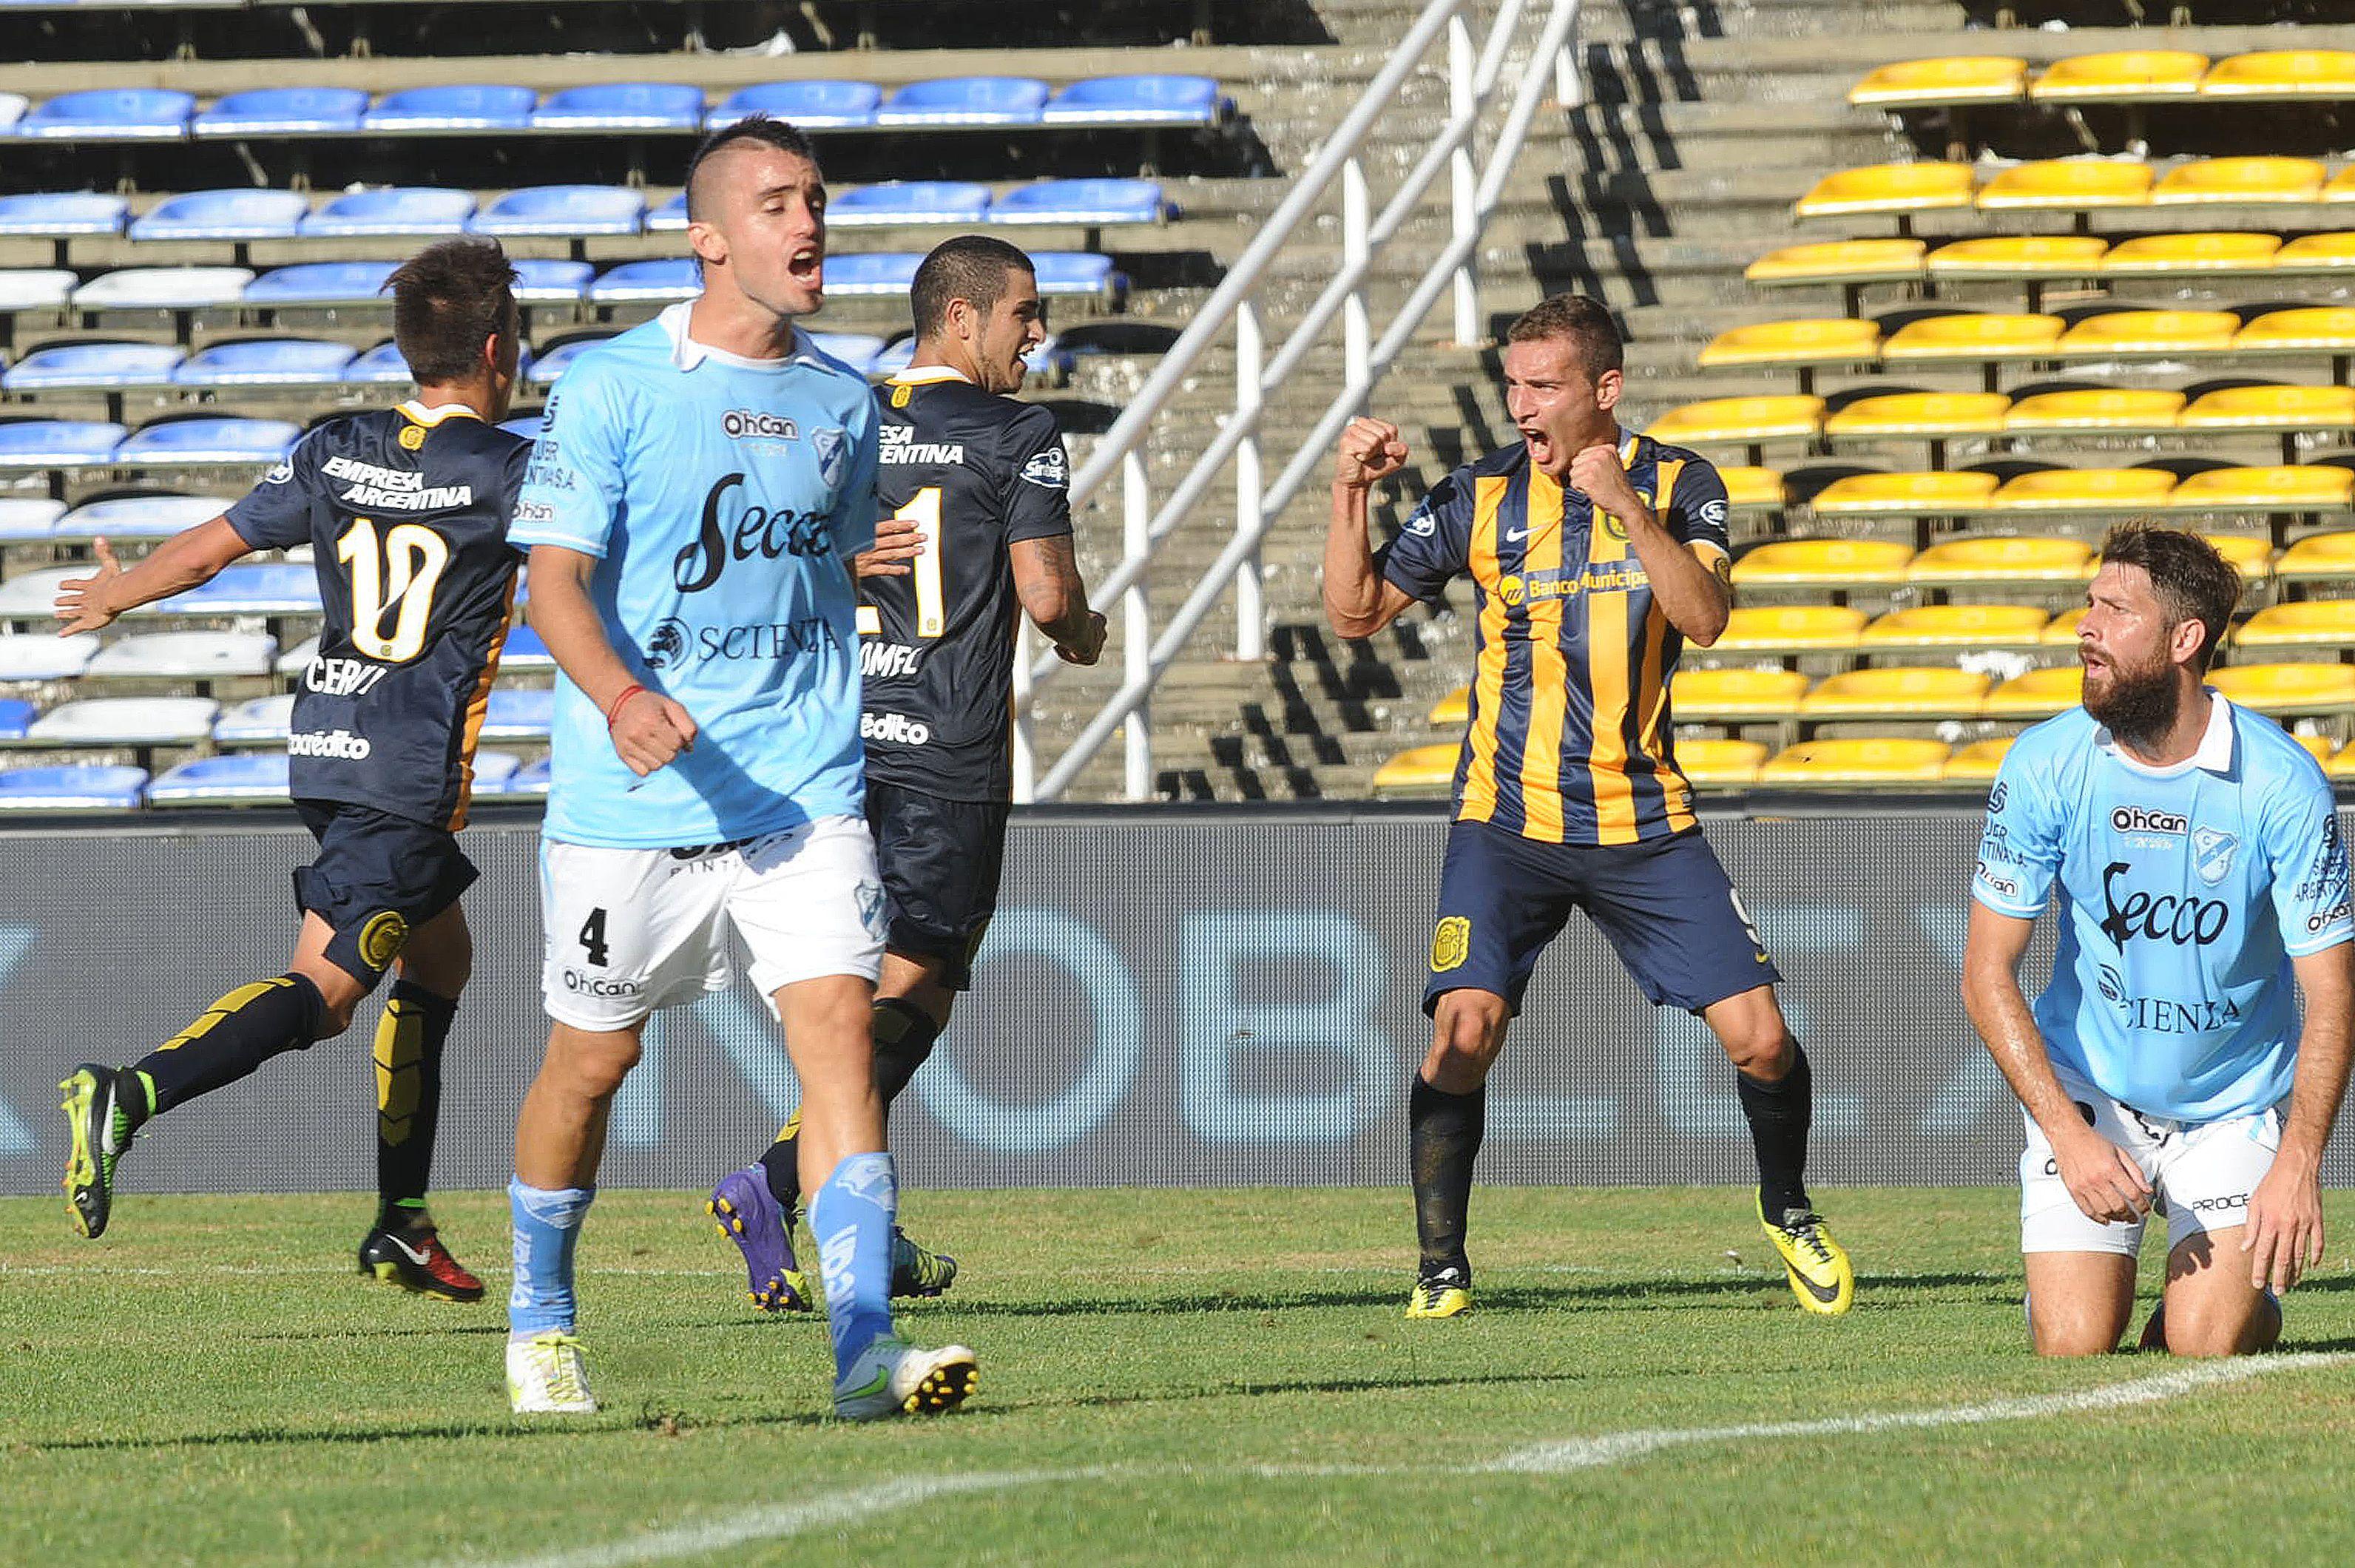 Treinta gritos los de Marco Ruben en el Canalla: 27 en torneos argentinos y 3 en la Libertadores.